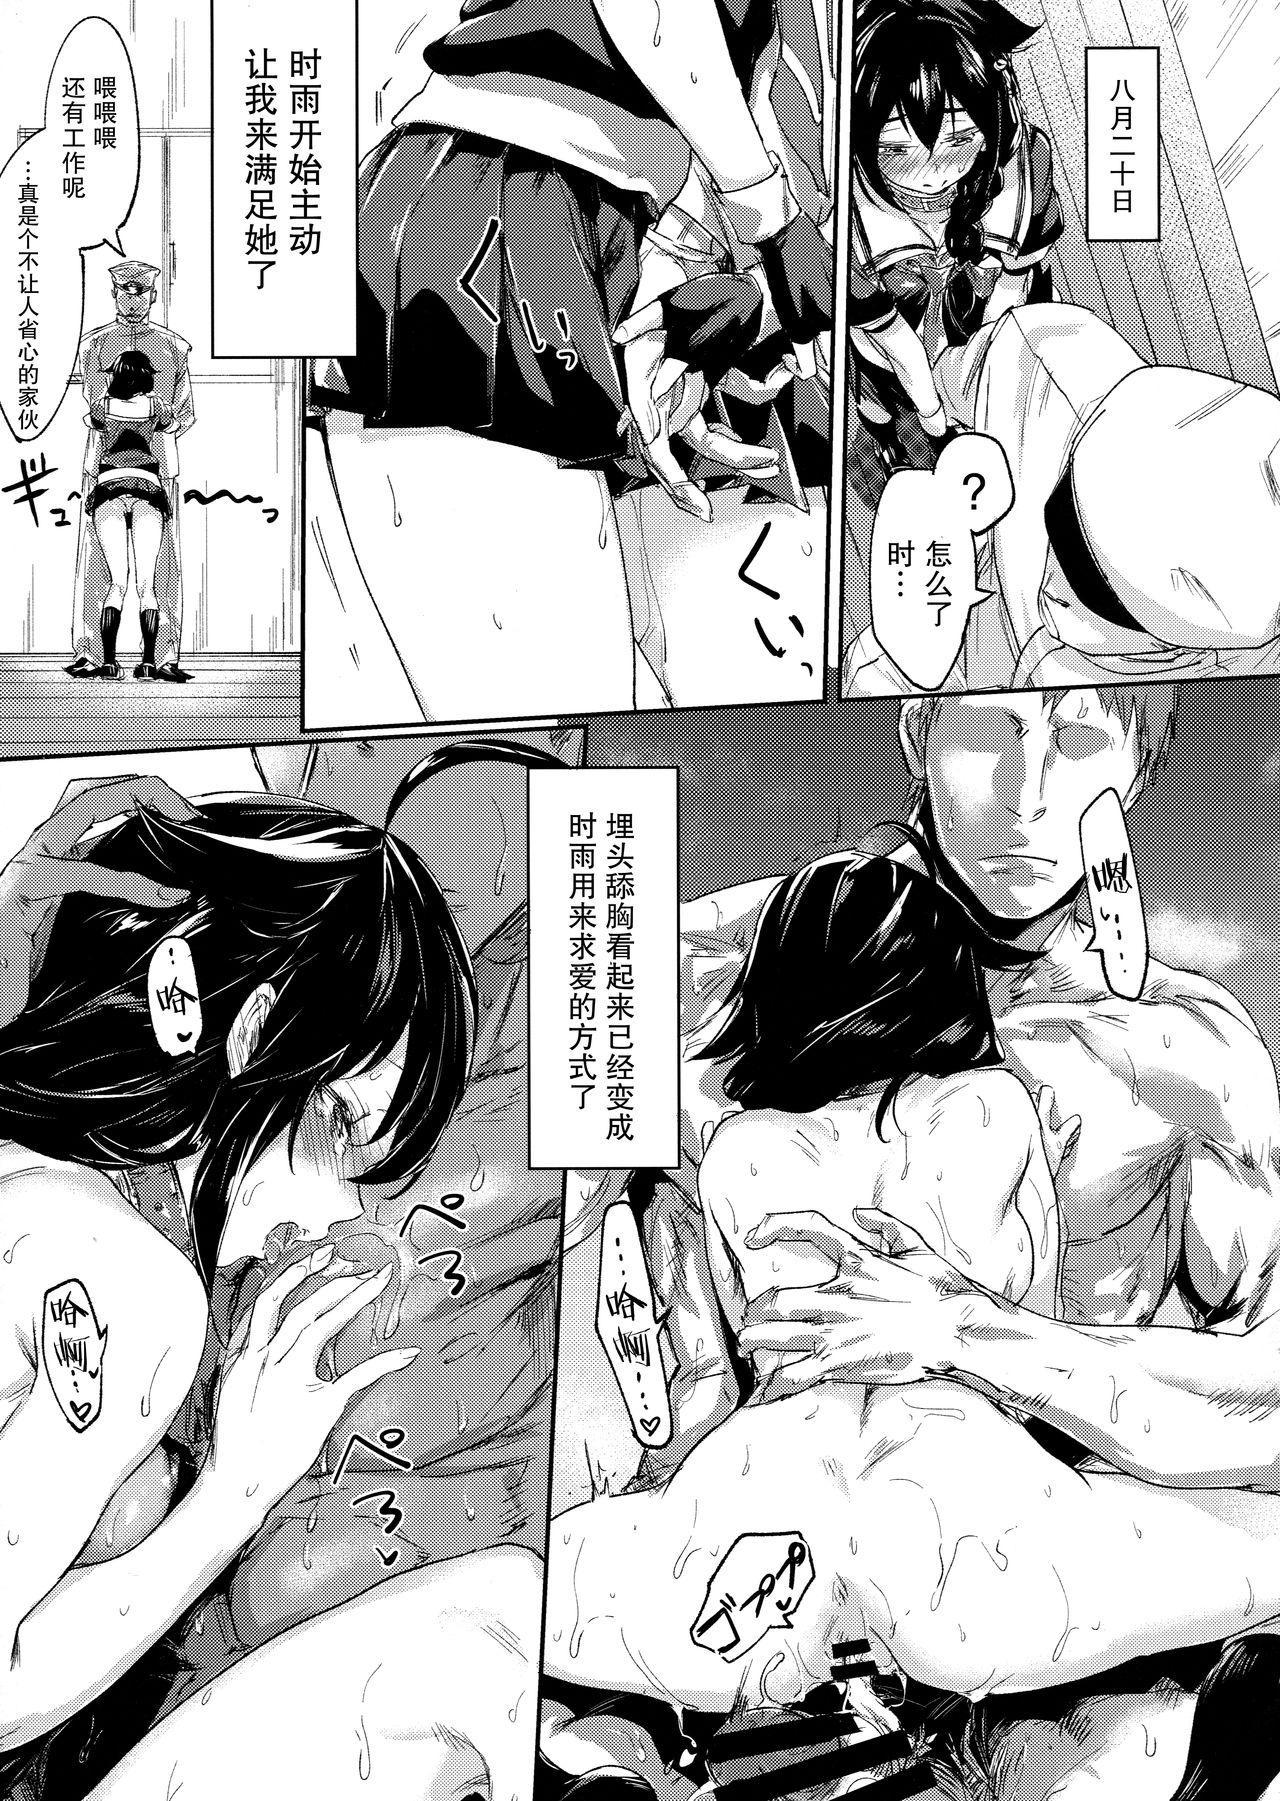 Uchi no Wanko no Choukyou Nisshi 12